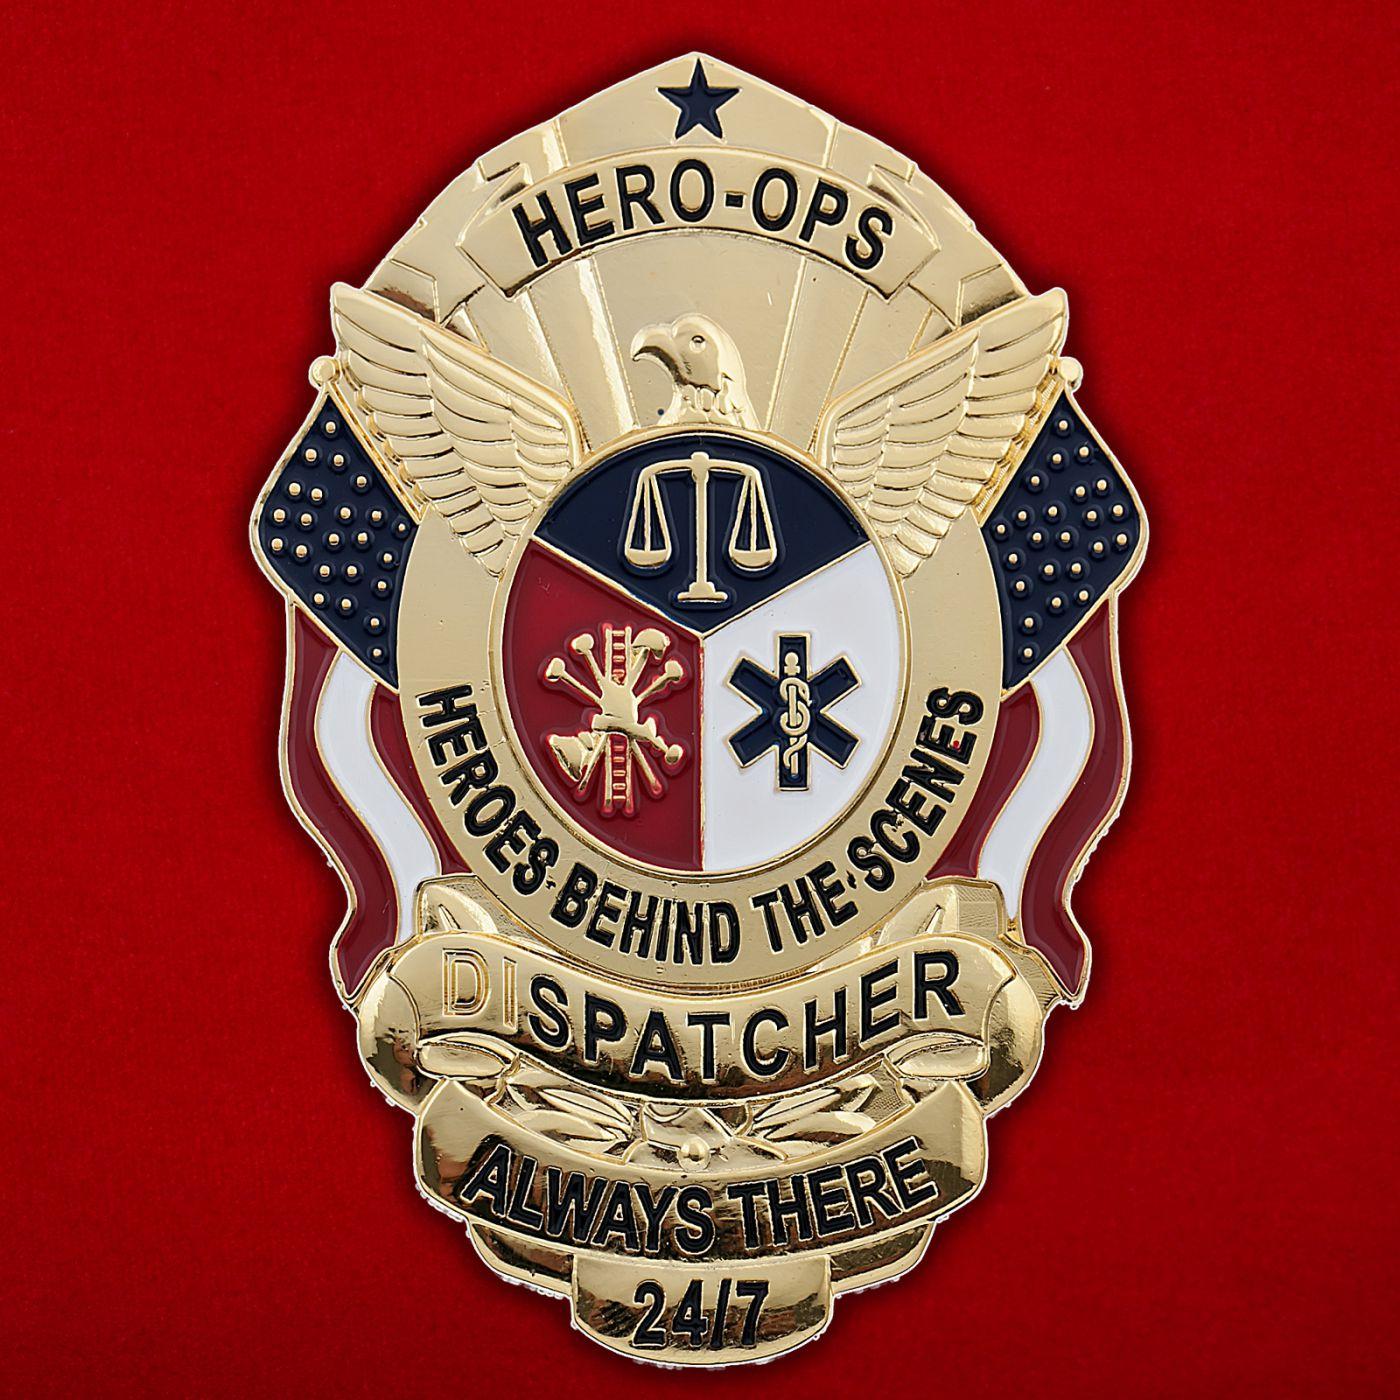 Значок 534-го отдела Добровольной пожарной охраны Мэриленда